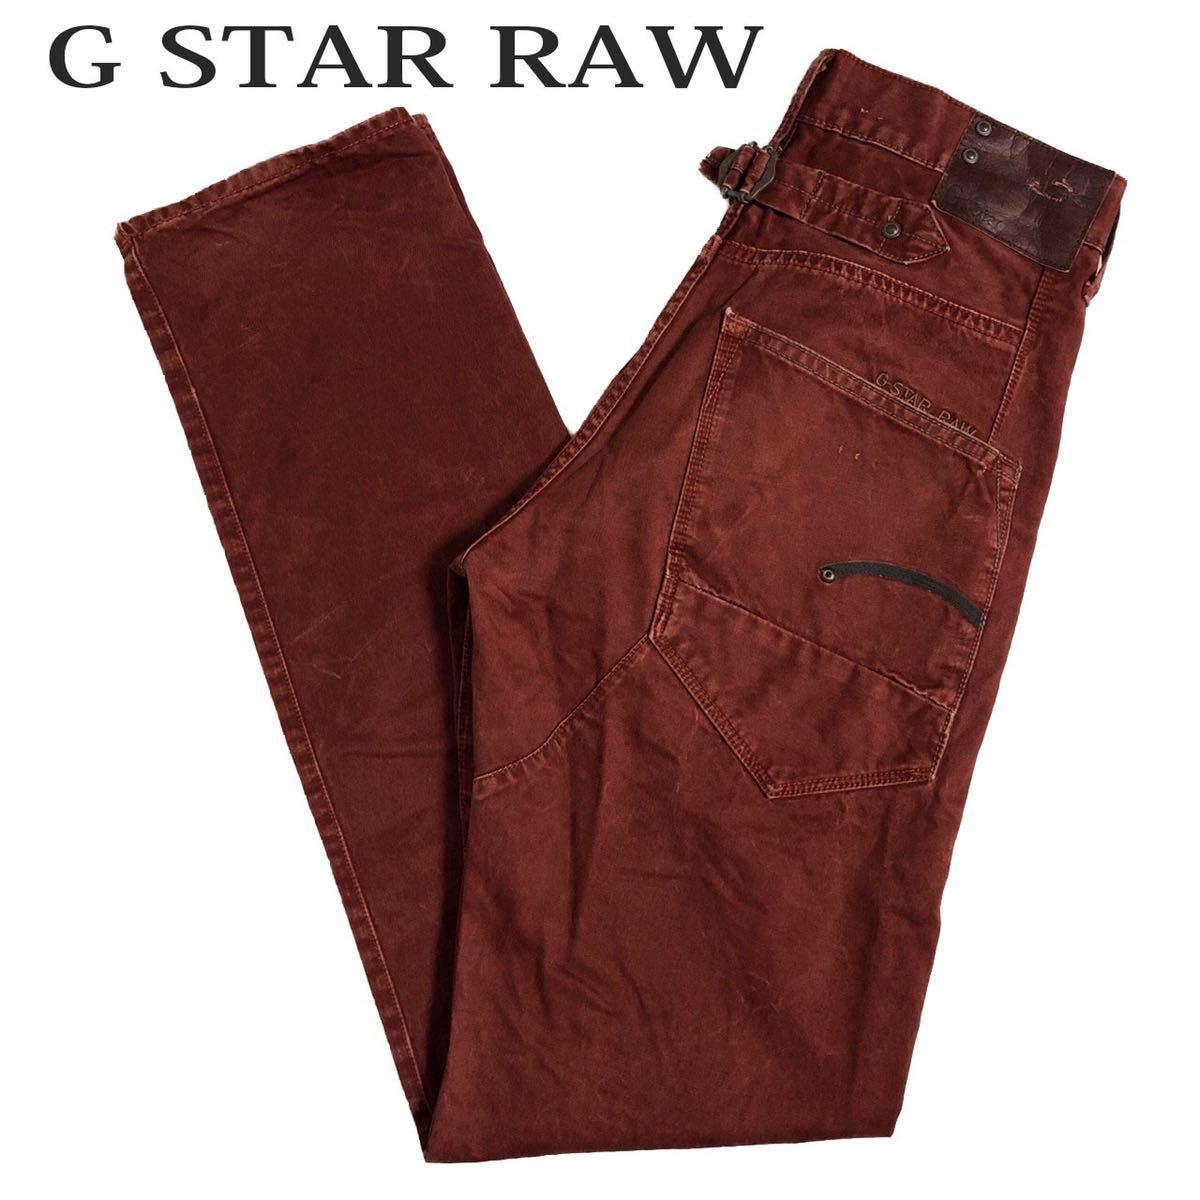 G STAR RAW ワークパンツ ボルドー ワインレッド 赤  カラーパンツコットンパンツ